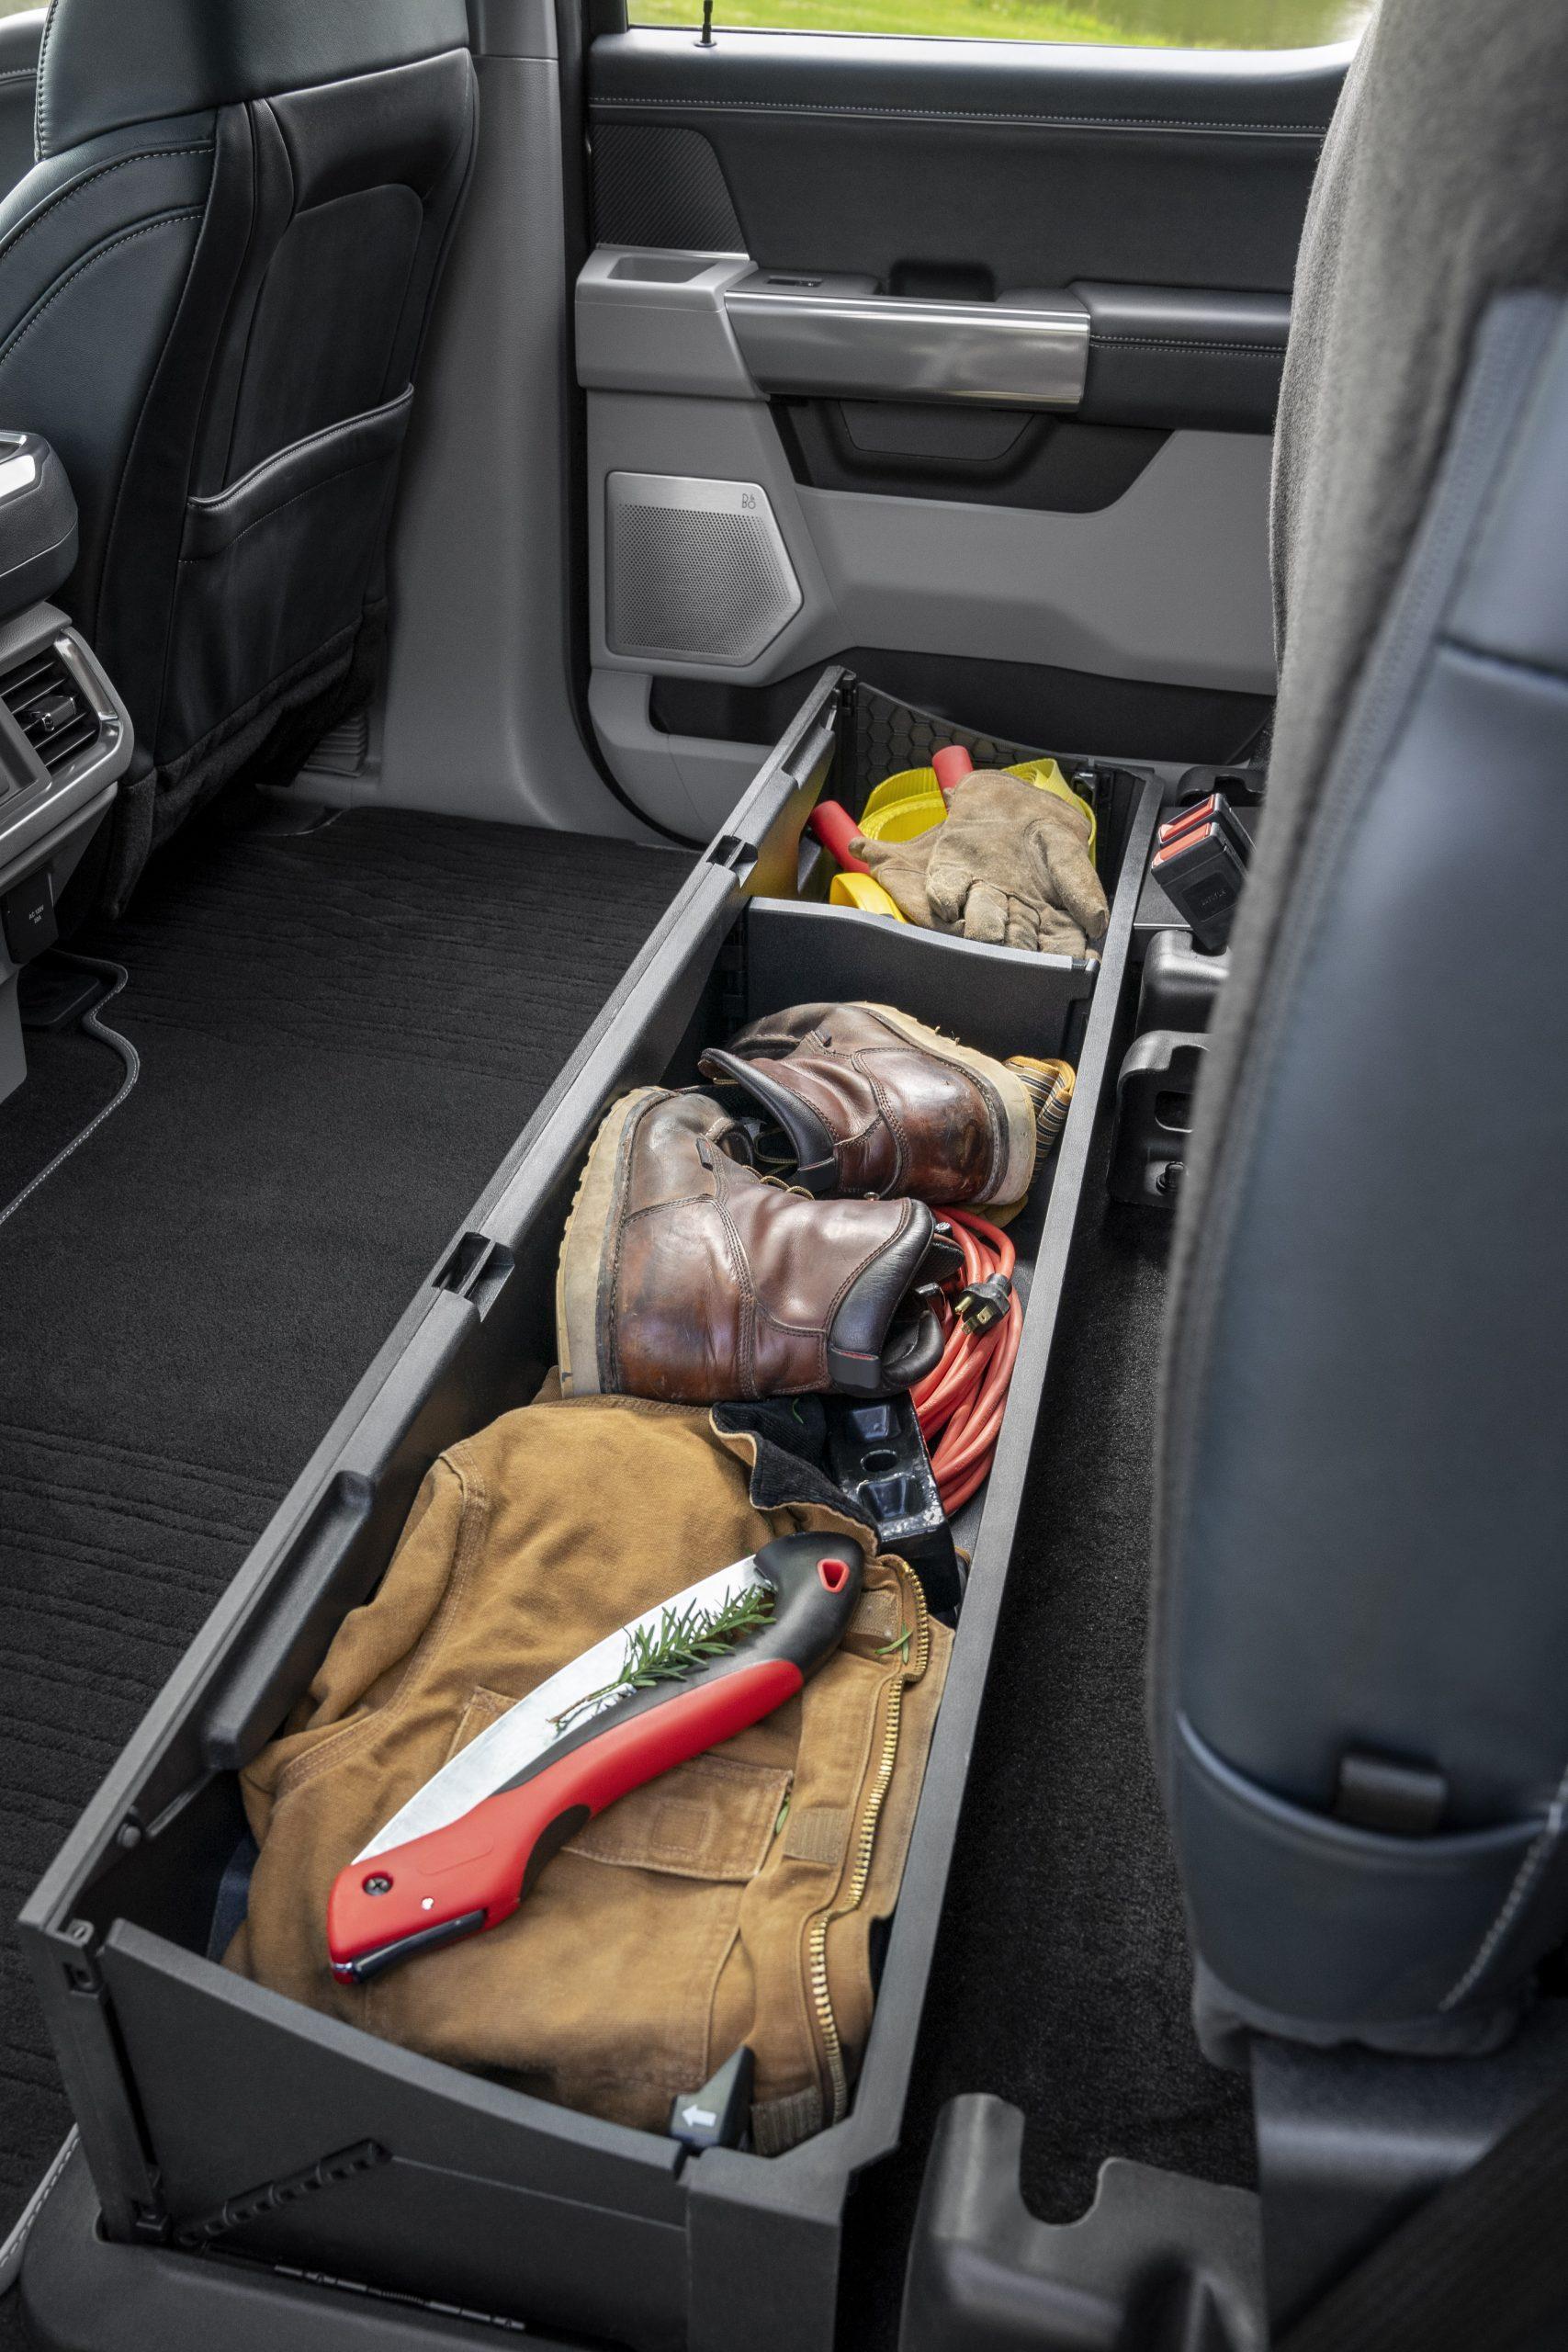 2021 Ford F-150 lockable rear storage